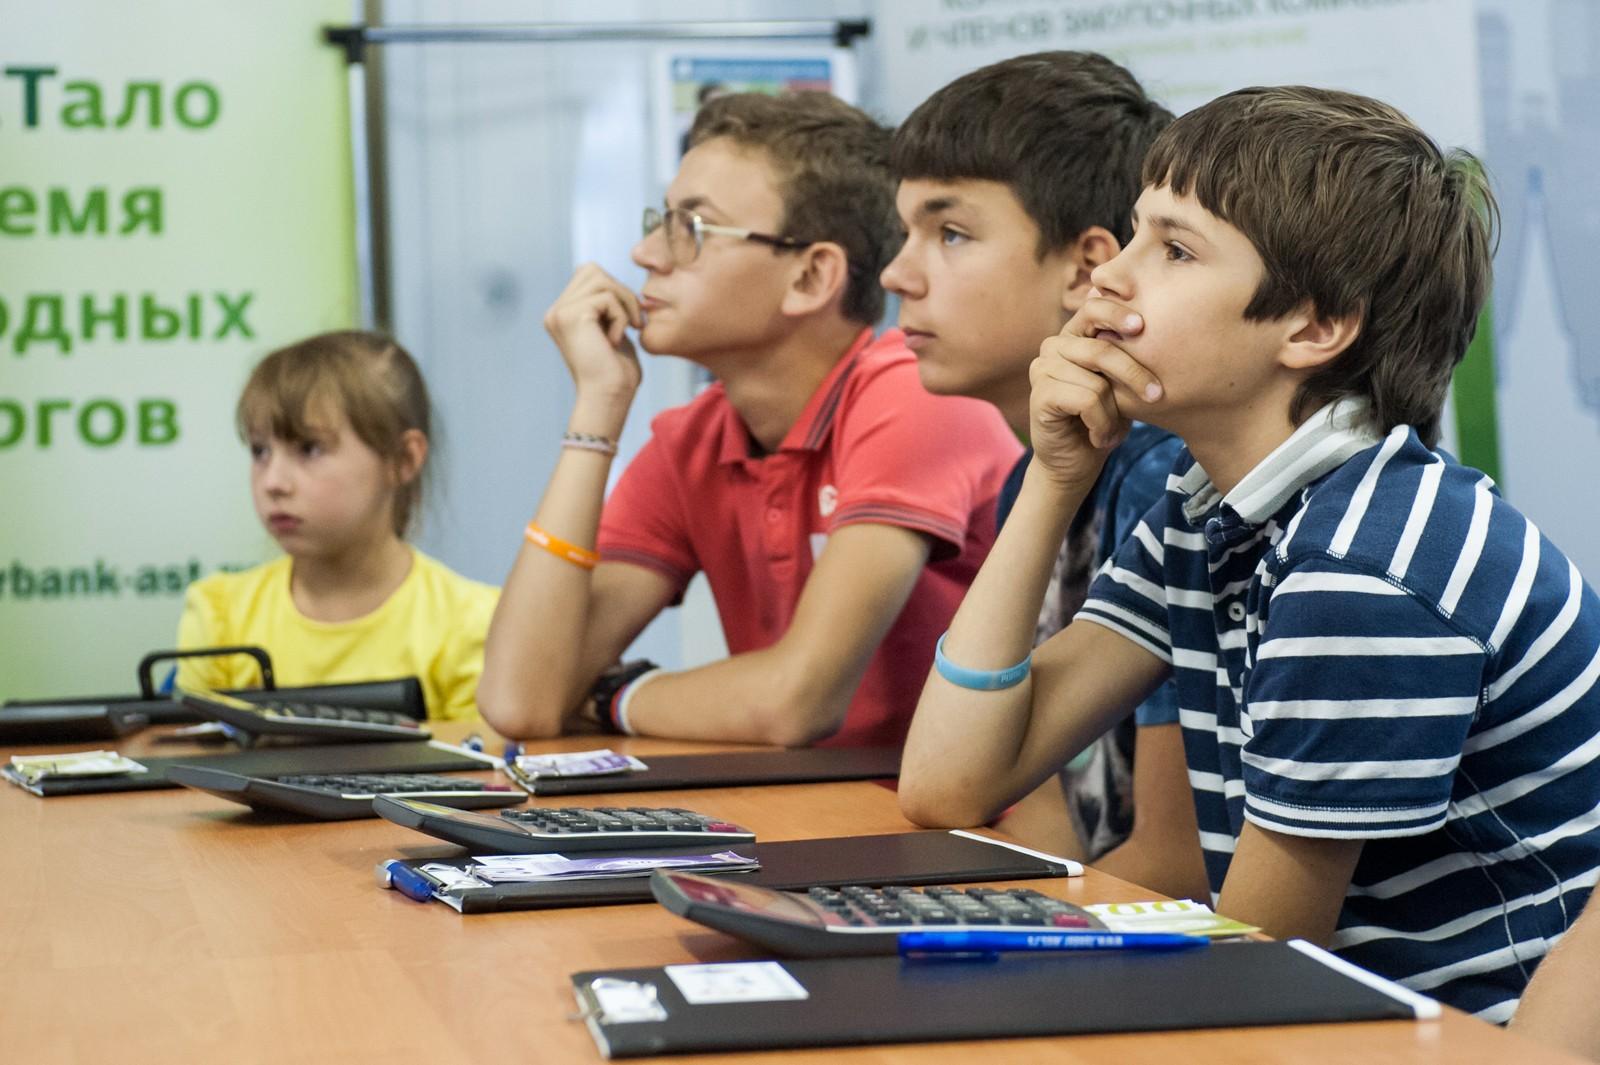 Заммэра Москвы Наталья Сергунина ждет новаторских идей от участников Умных экономических игр